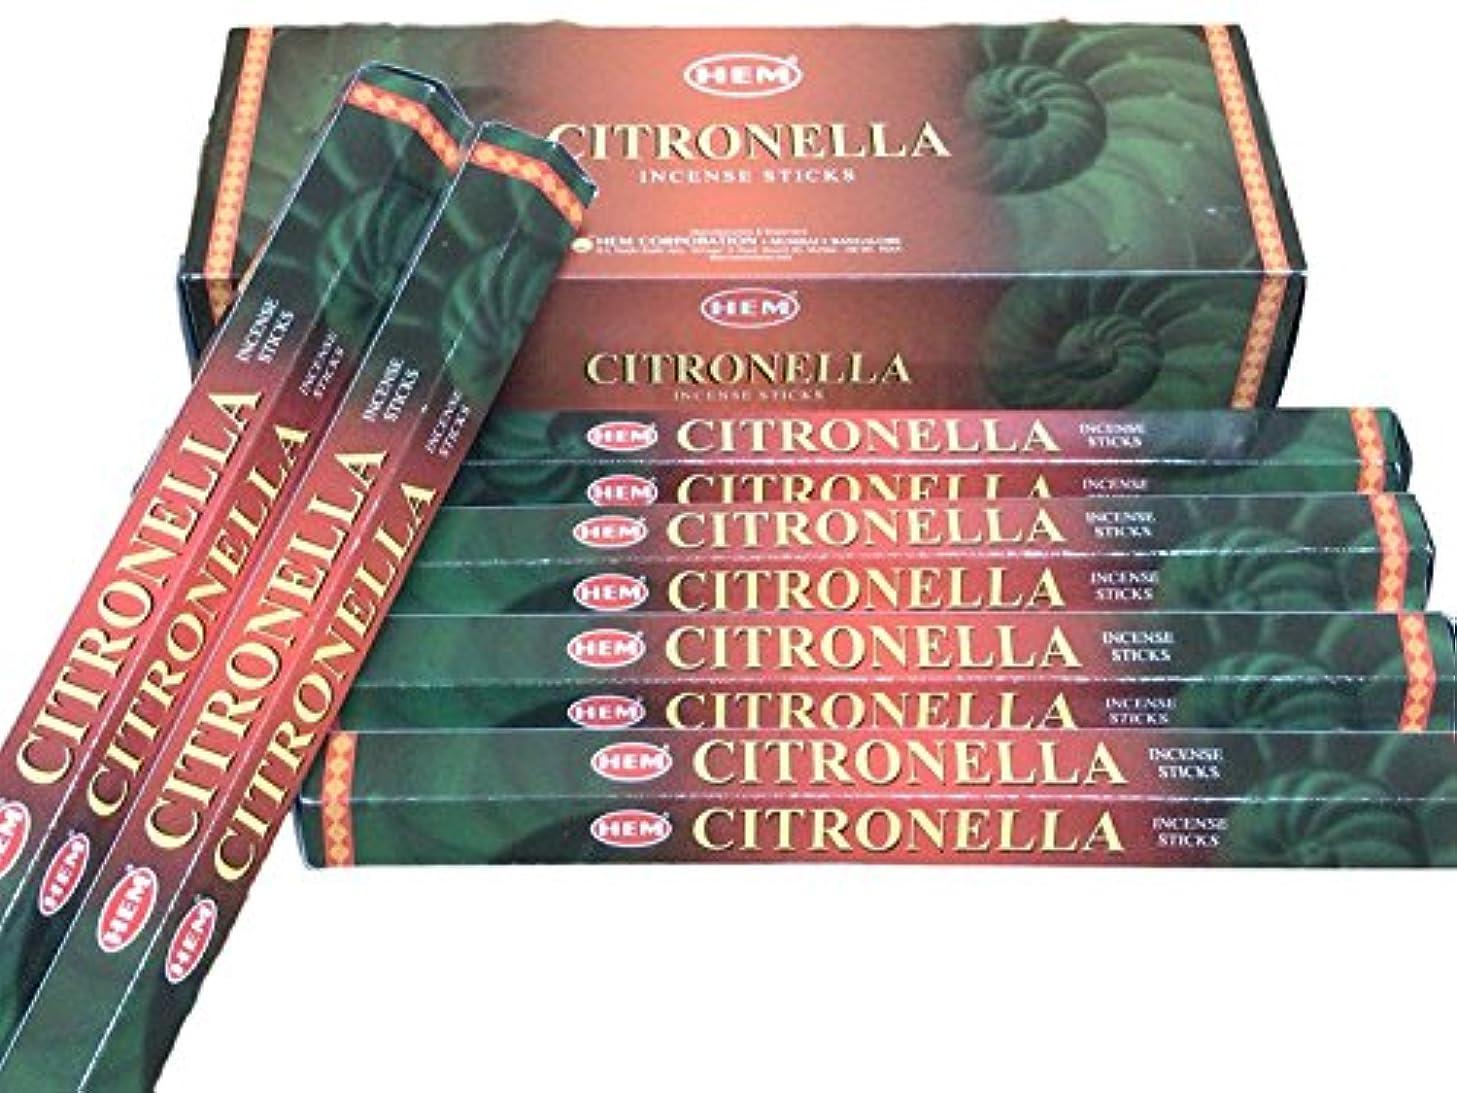 不可能な構成する開示するHEM ヘム シトロネラ CITRONELLA ステック お香 6本 セット